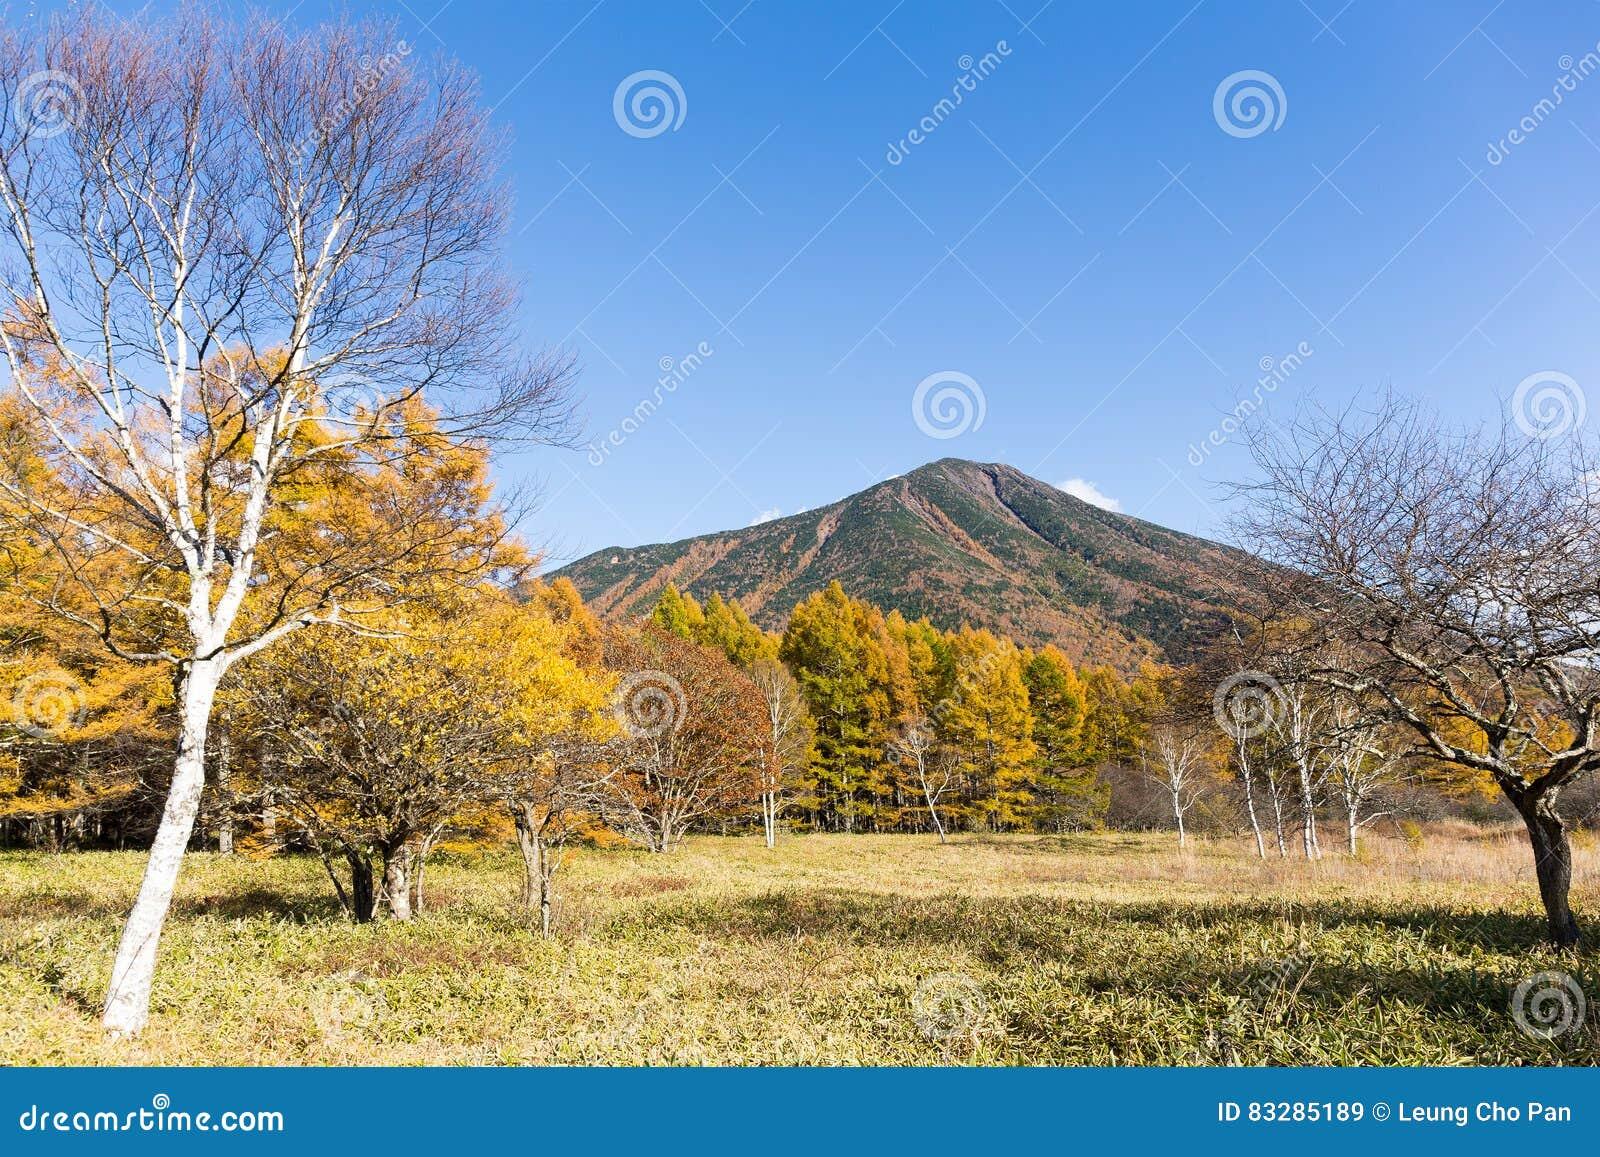 秋天季节的男体山